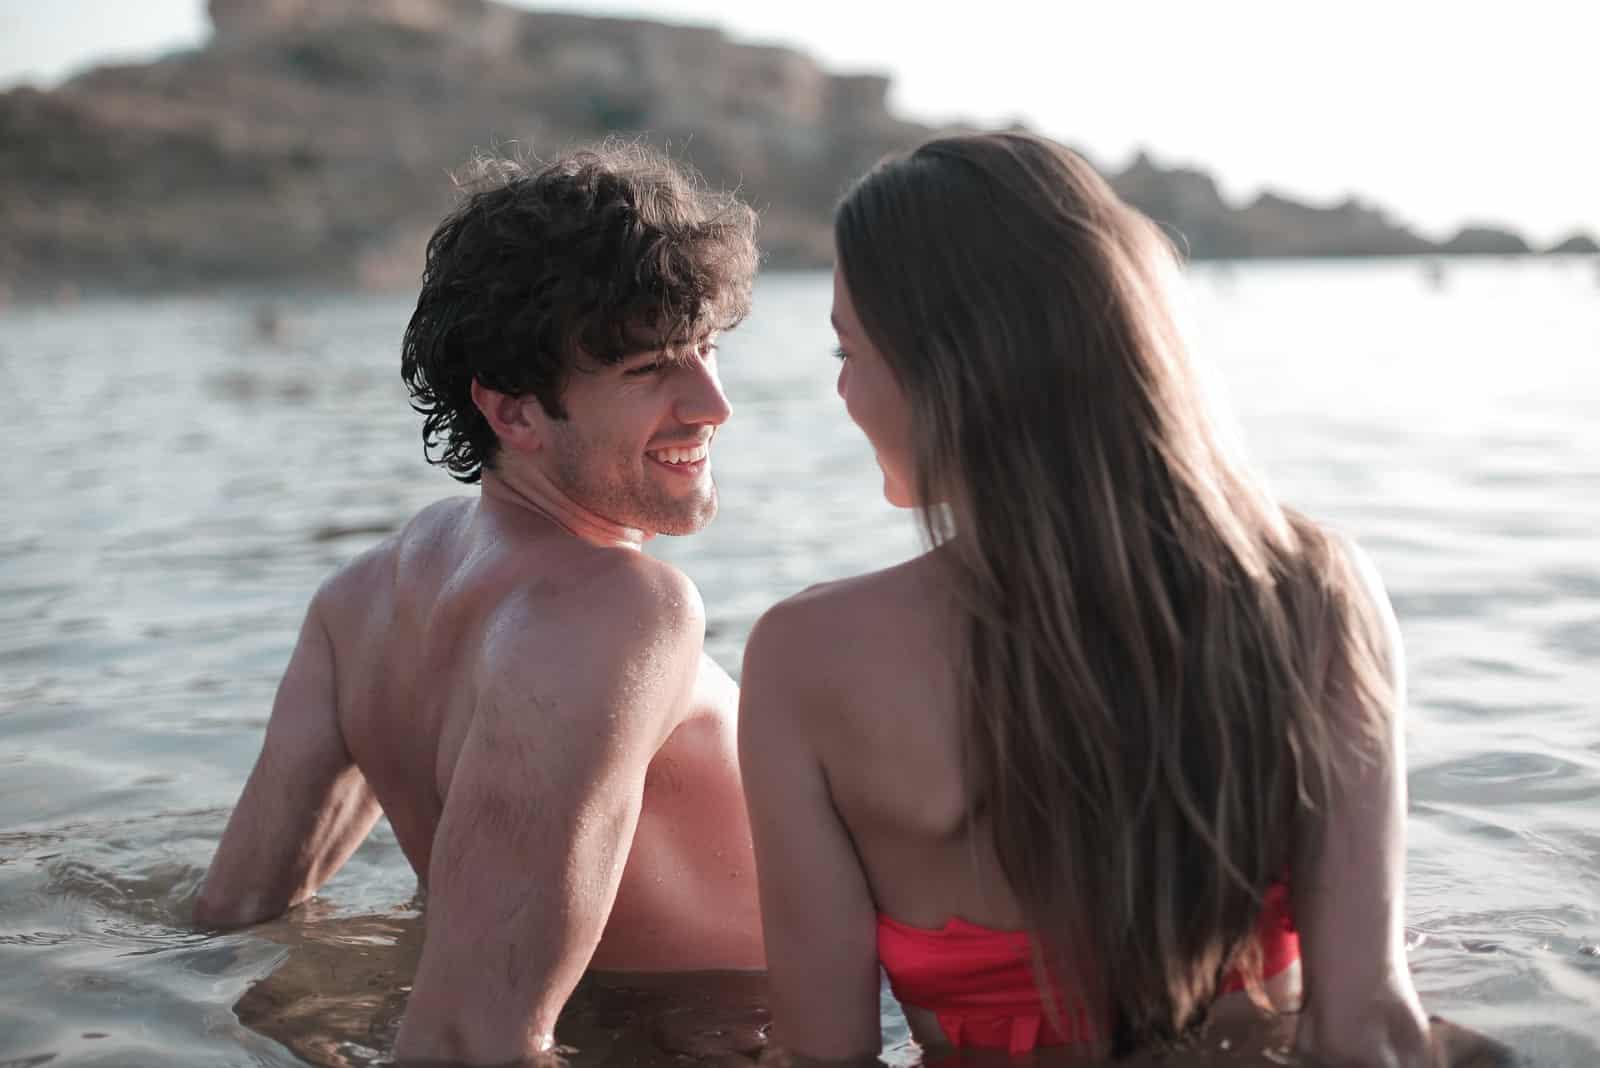 homme et femme souriant assis dans l'eau